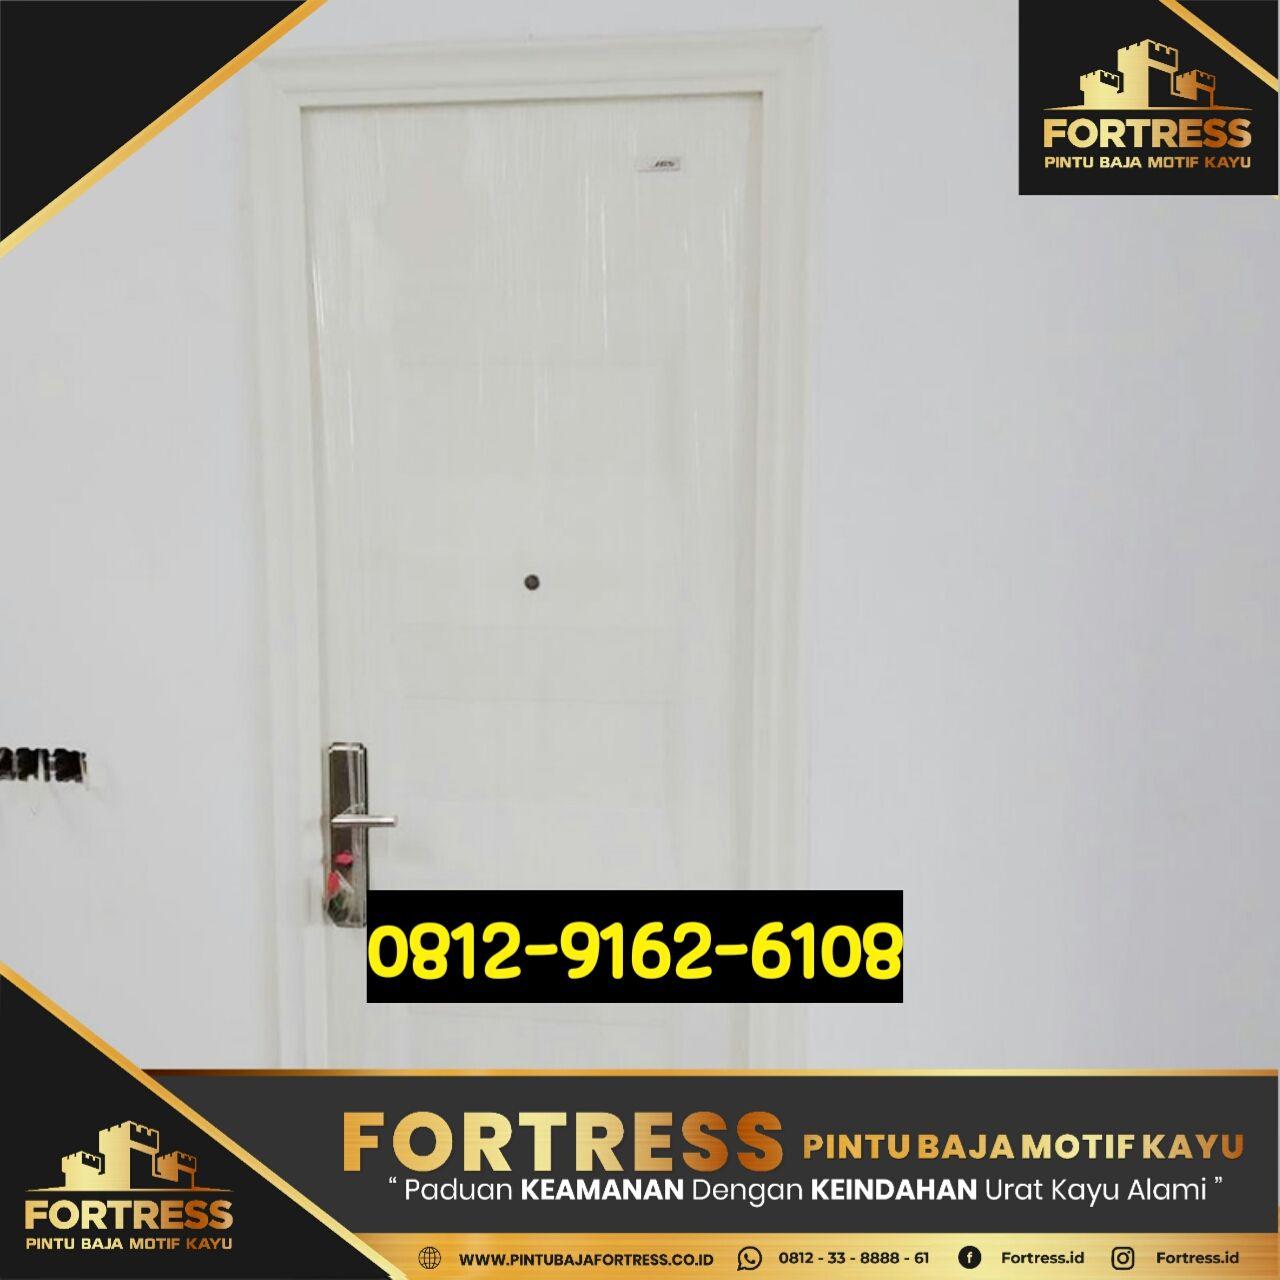 0812-9162-6105 (FOTRESS), steel plate door prices, door prices …